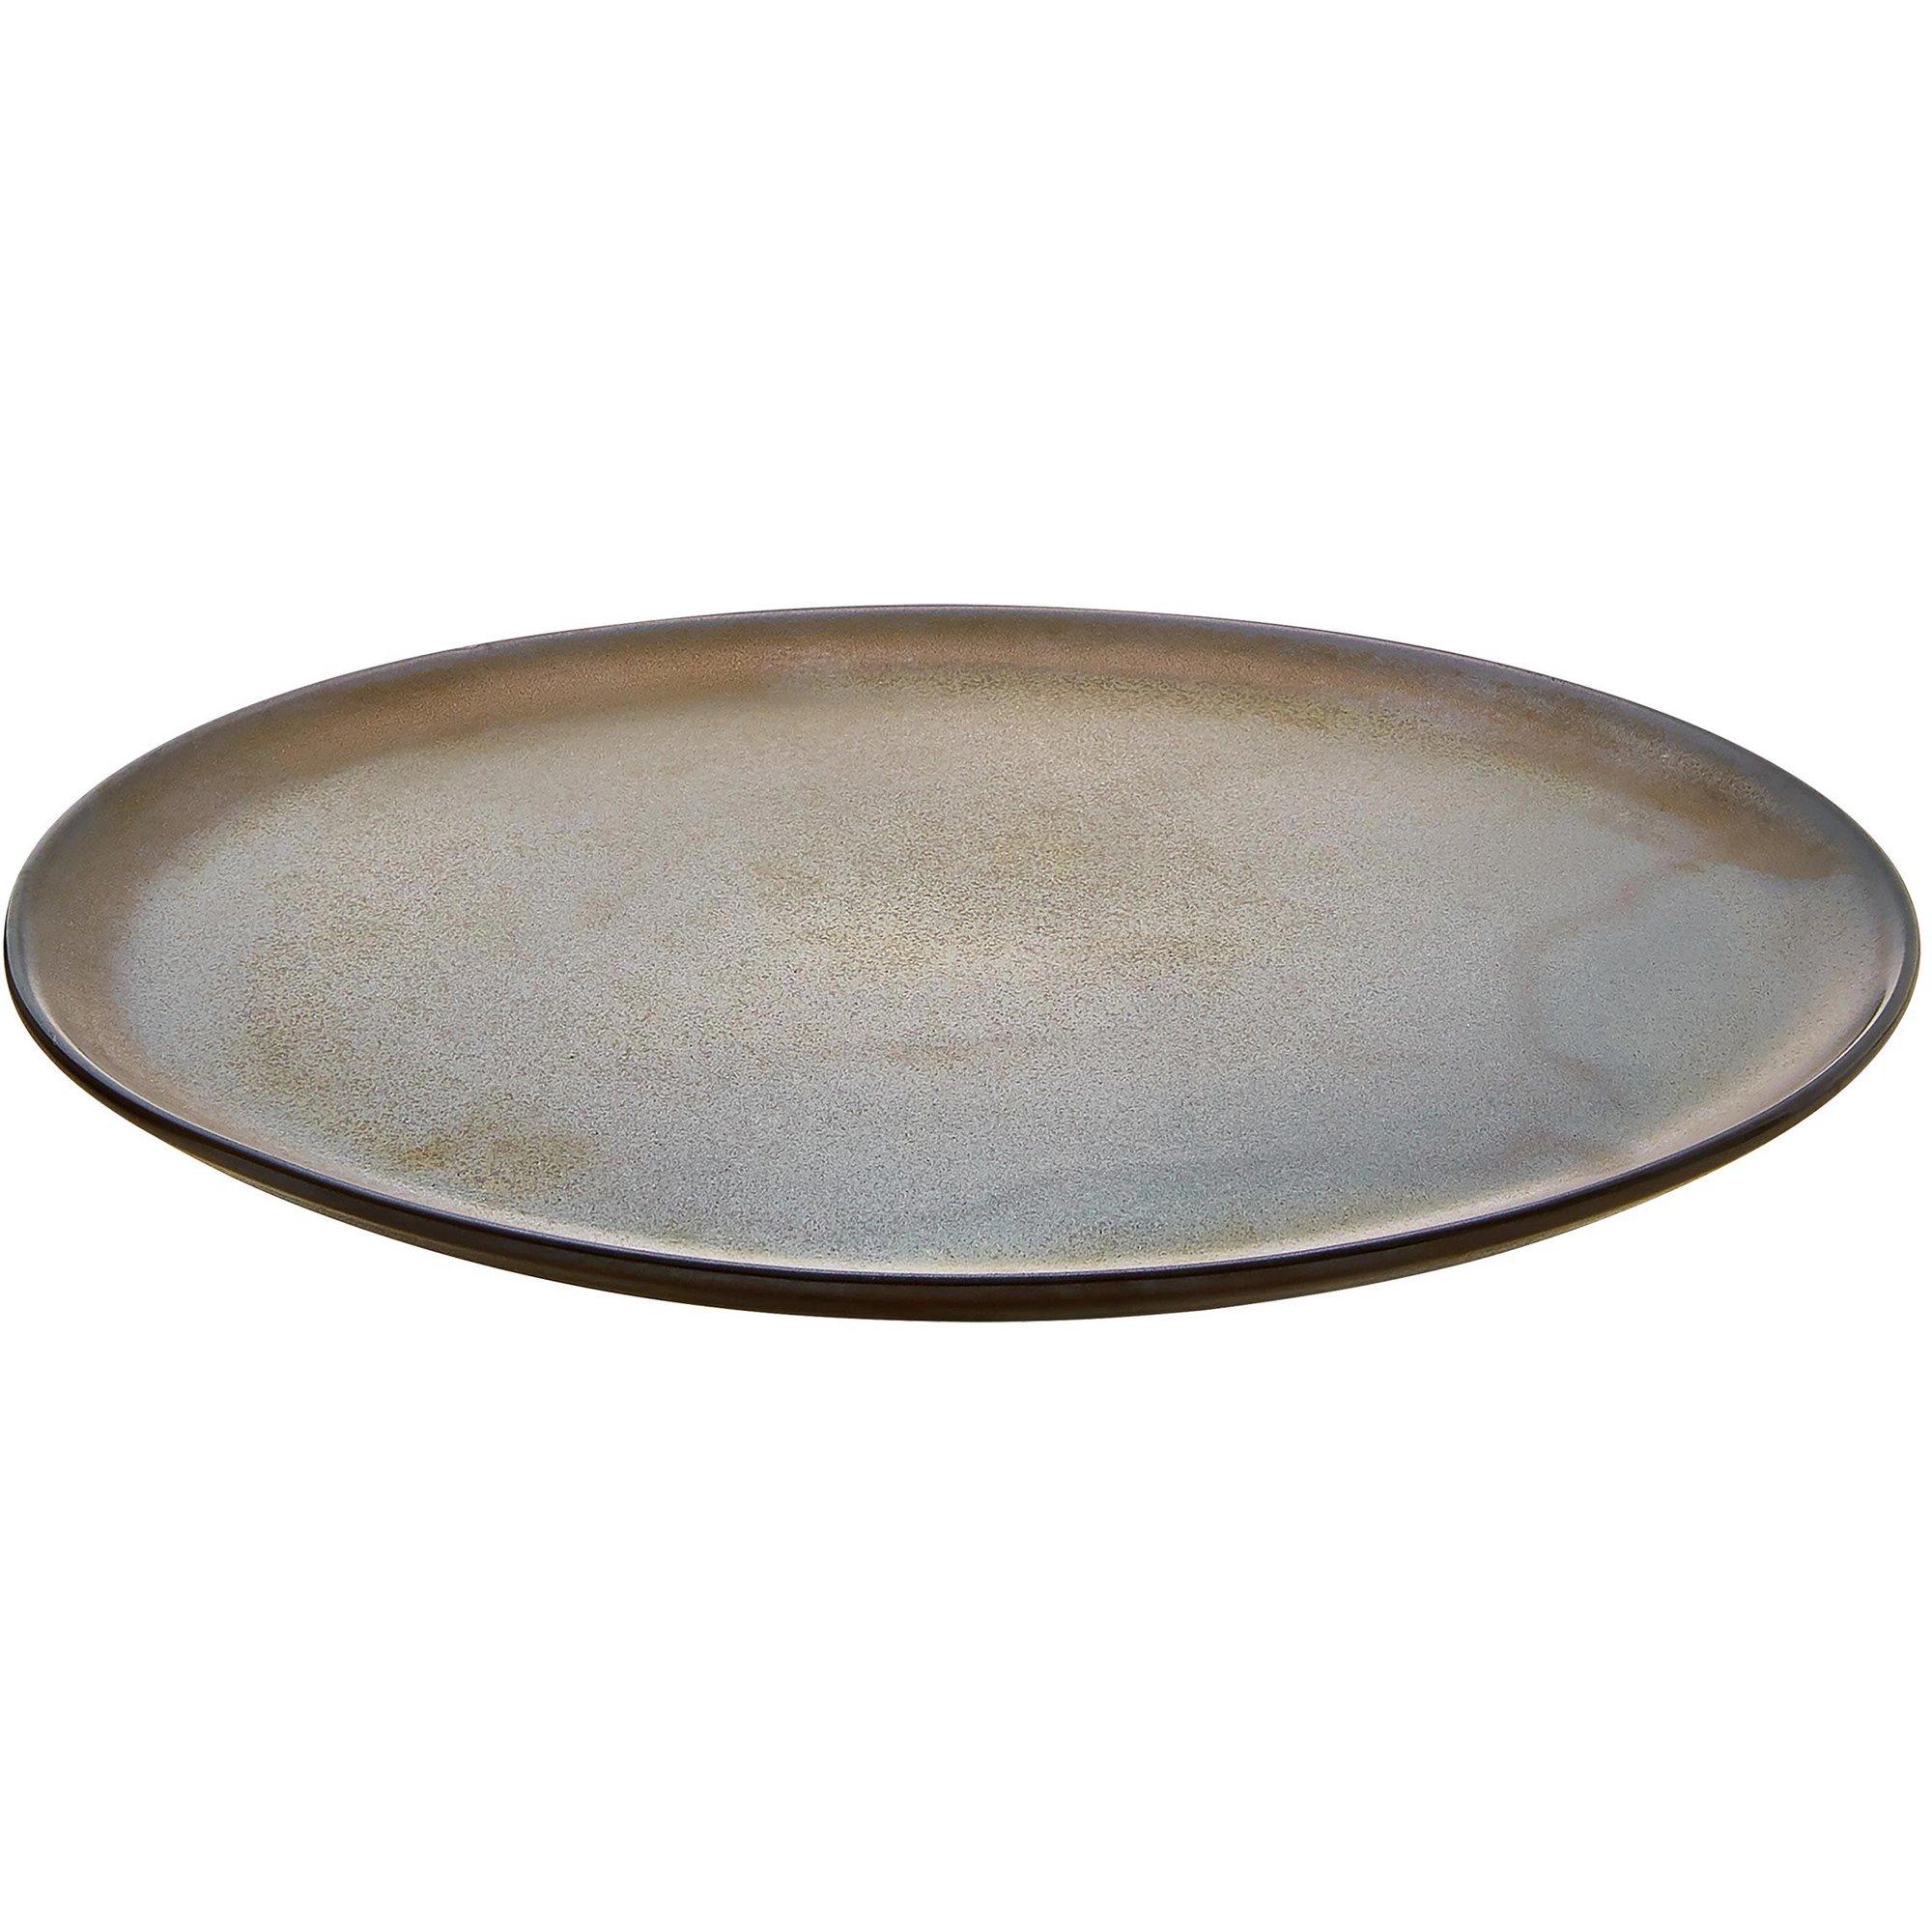 Aida RAW desserttallrik metallisk brun